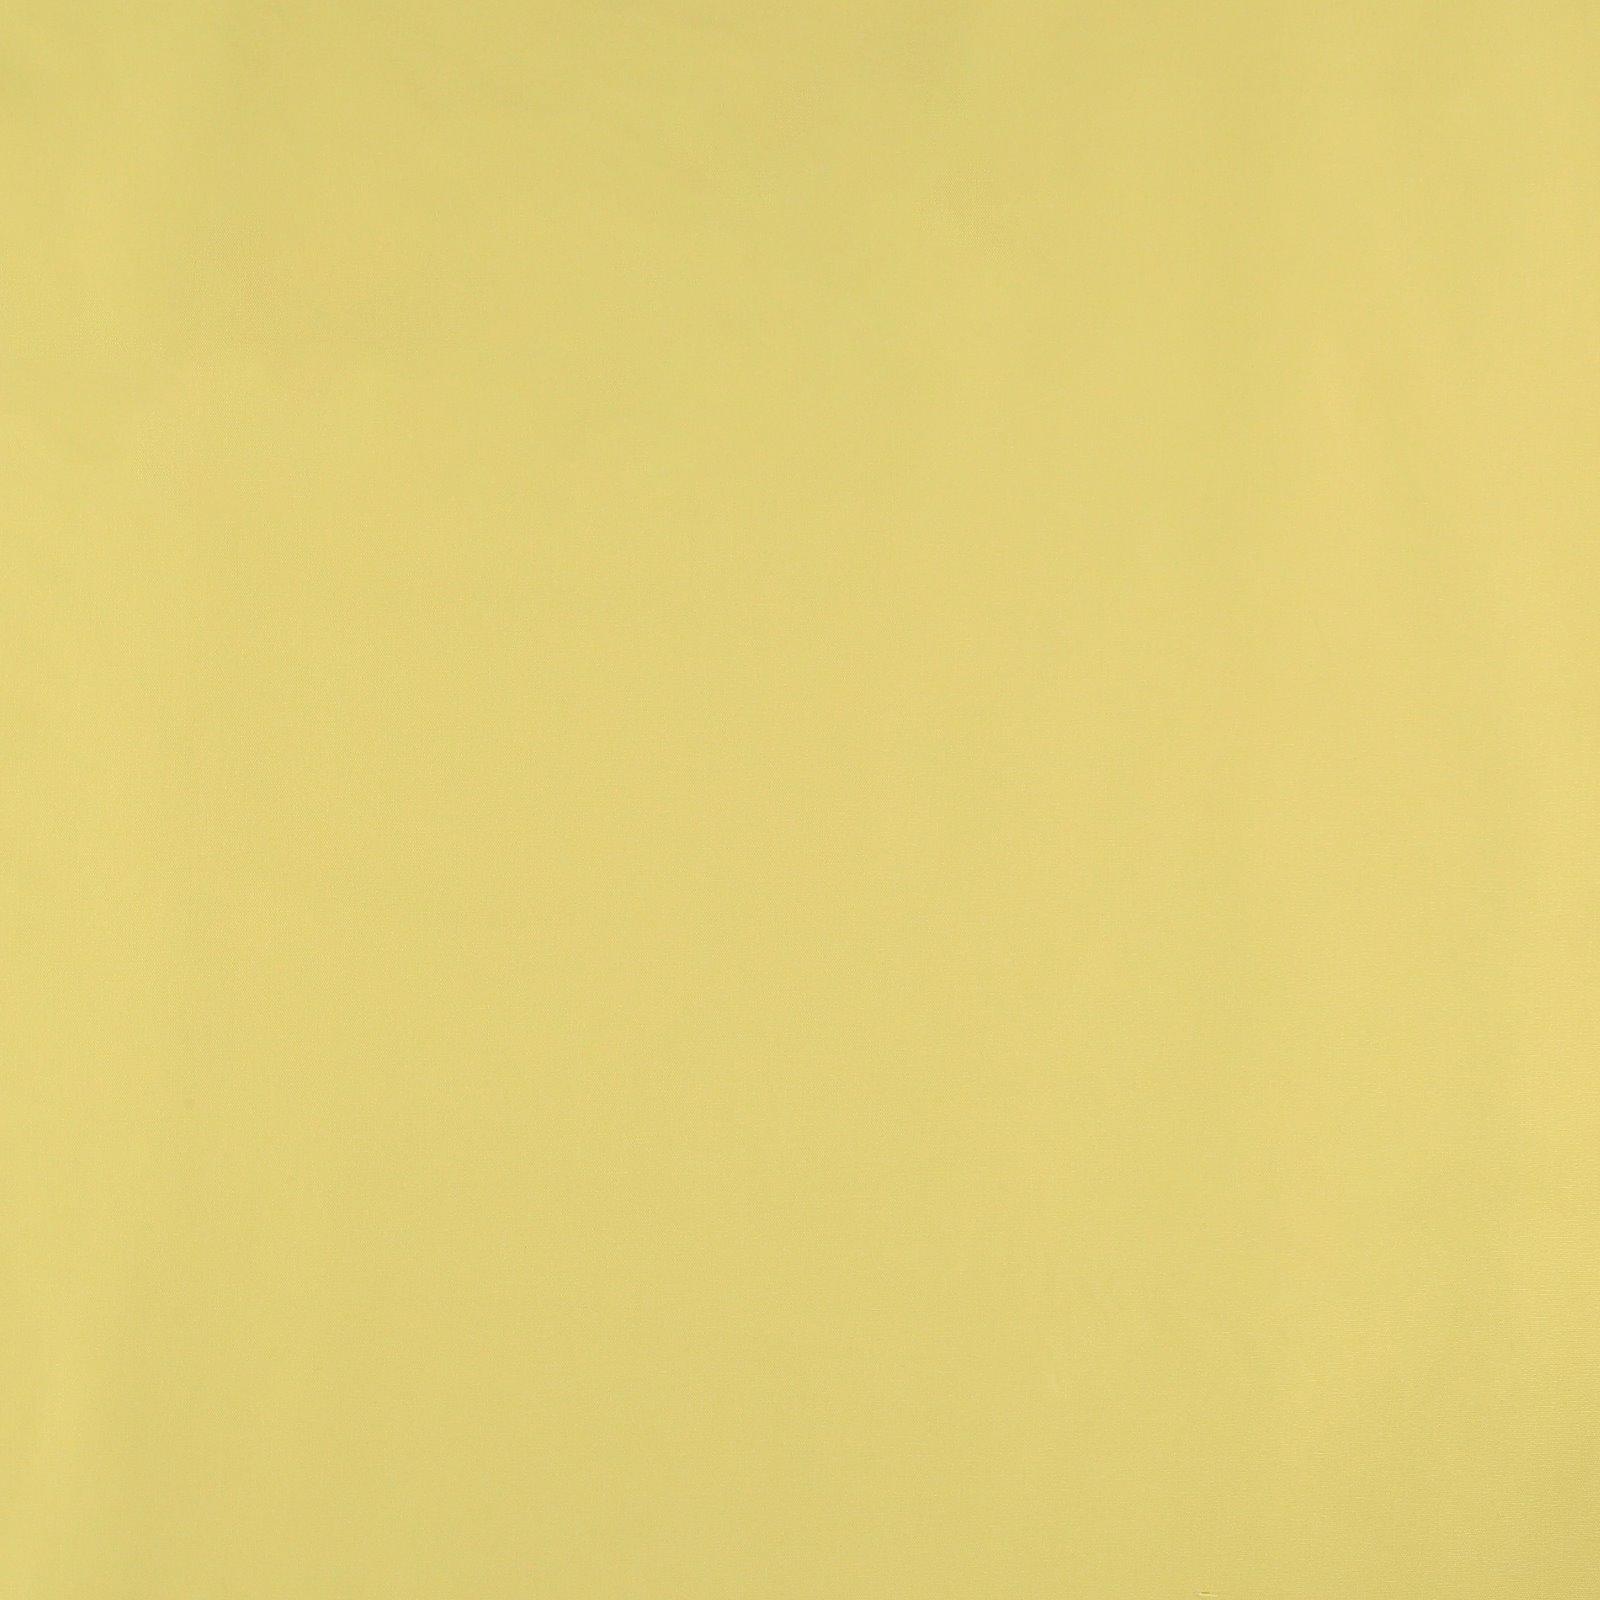 Cotton canvas light lemon 780480_pack_solid